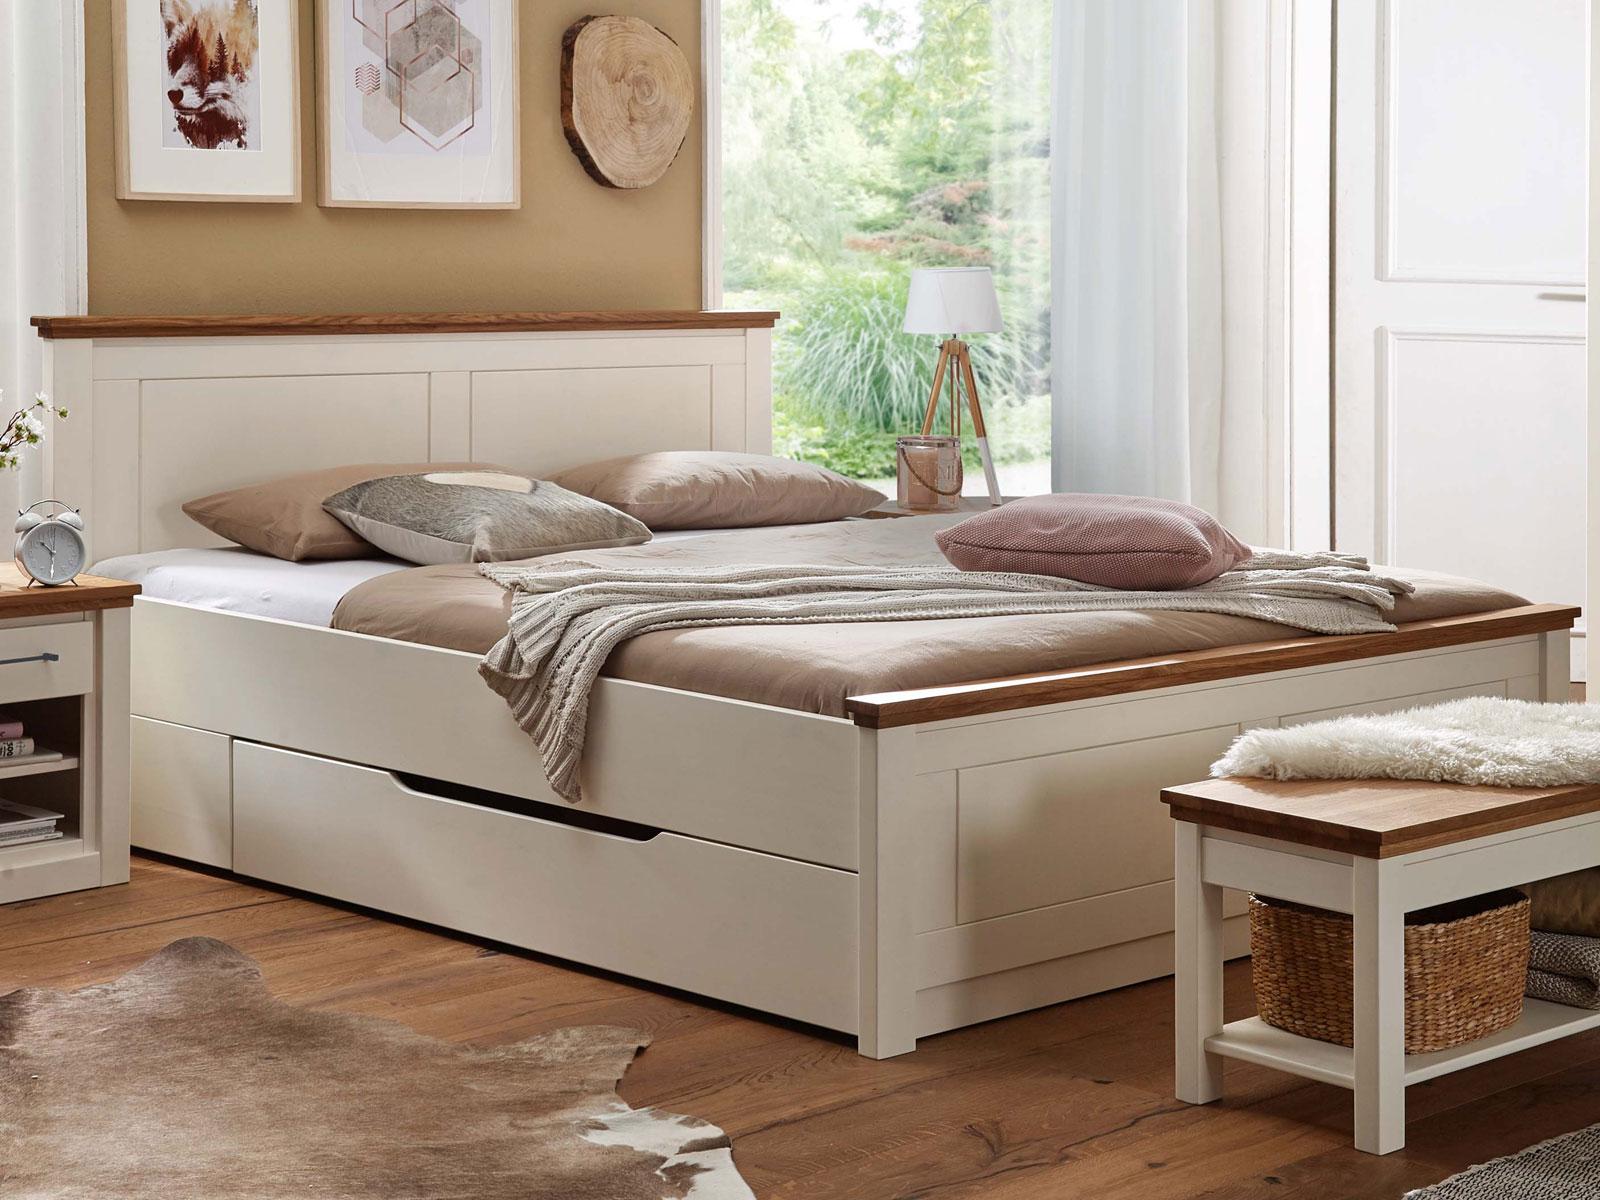 Full Size of Günstige Betten 180x200 Für Teenager Kaufen 140x200 Außergewöhnliche Ikea 160x200 Hohe Weiß 90x200 Amazon Flexa Schlafsofa Liegefläche Ebay Möbel Boss Bett Günstige Betten 180x200